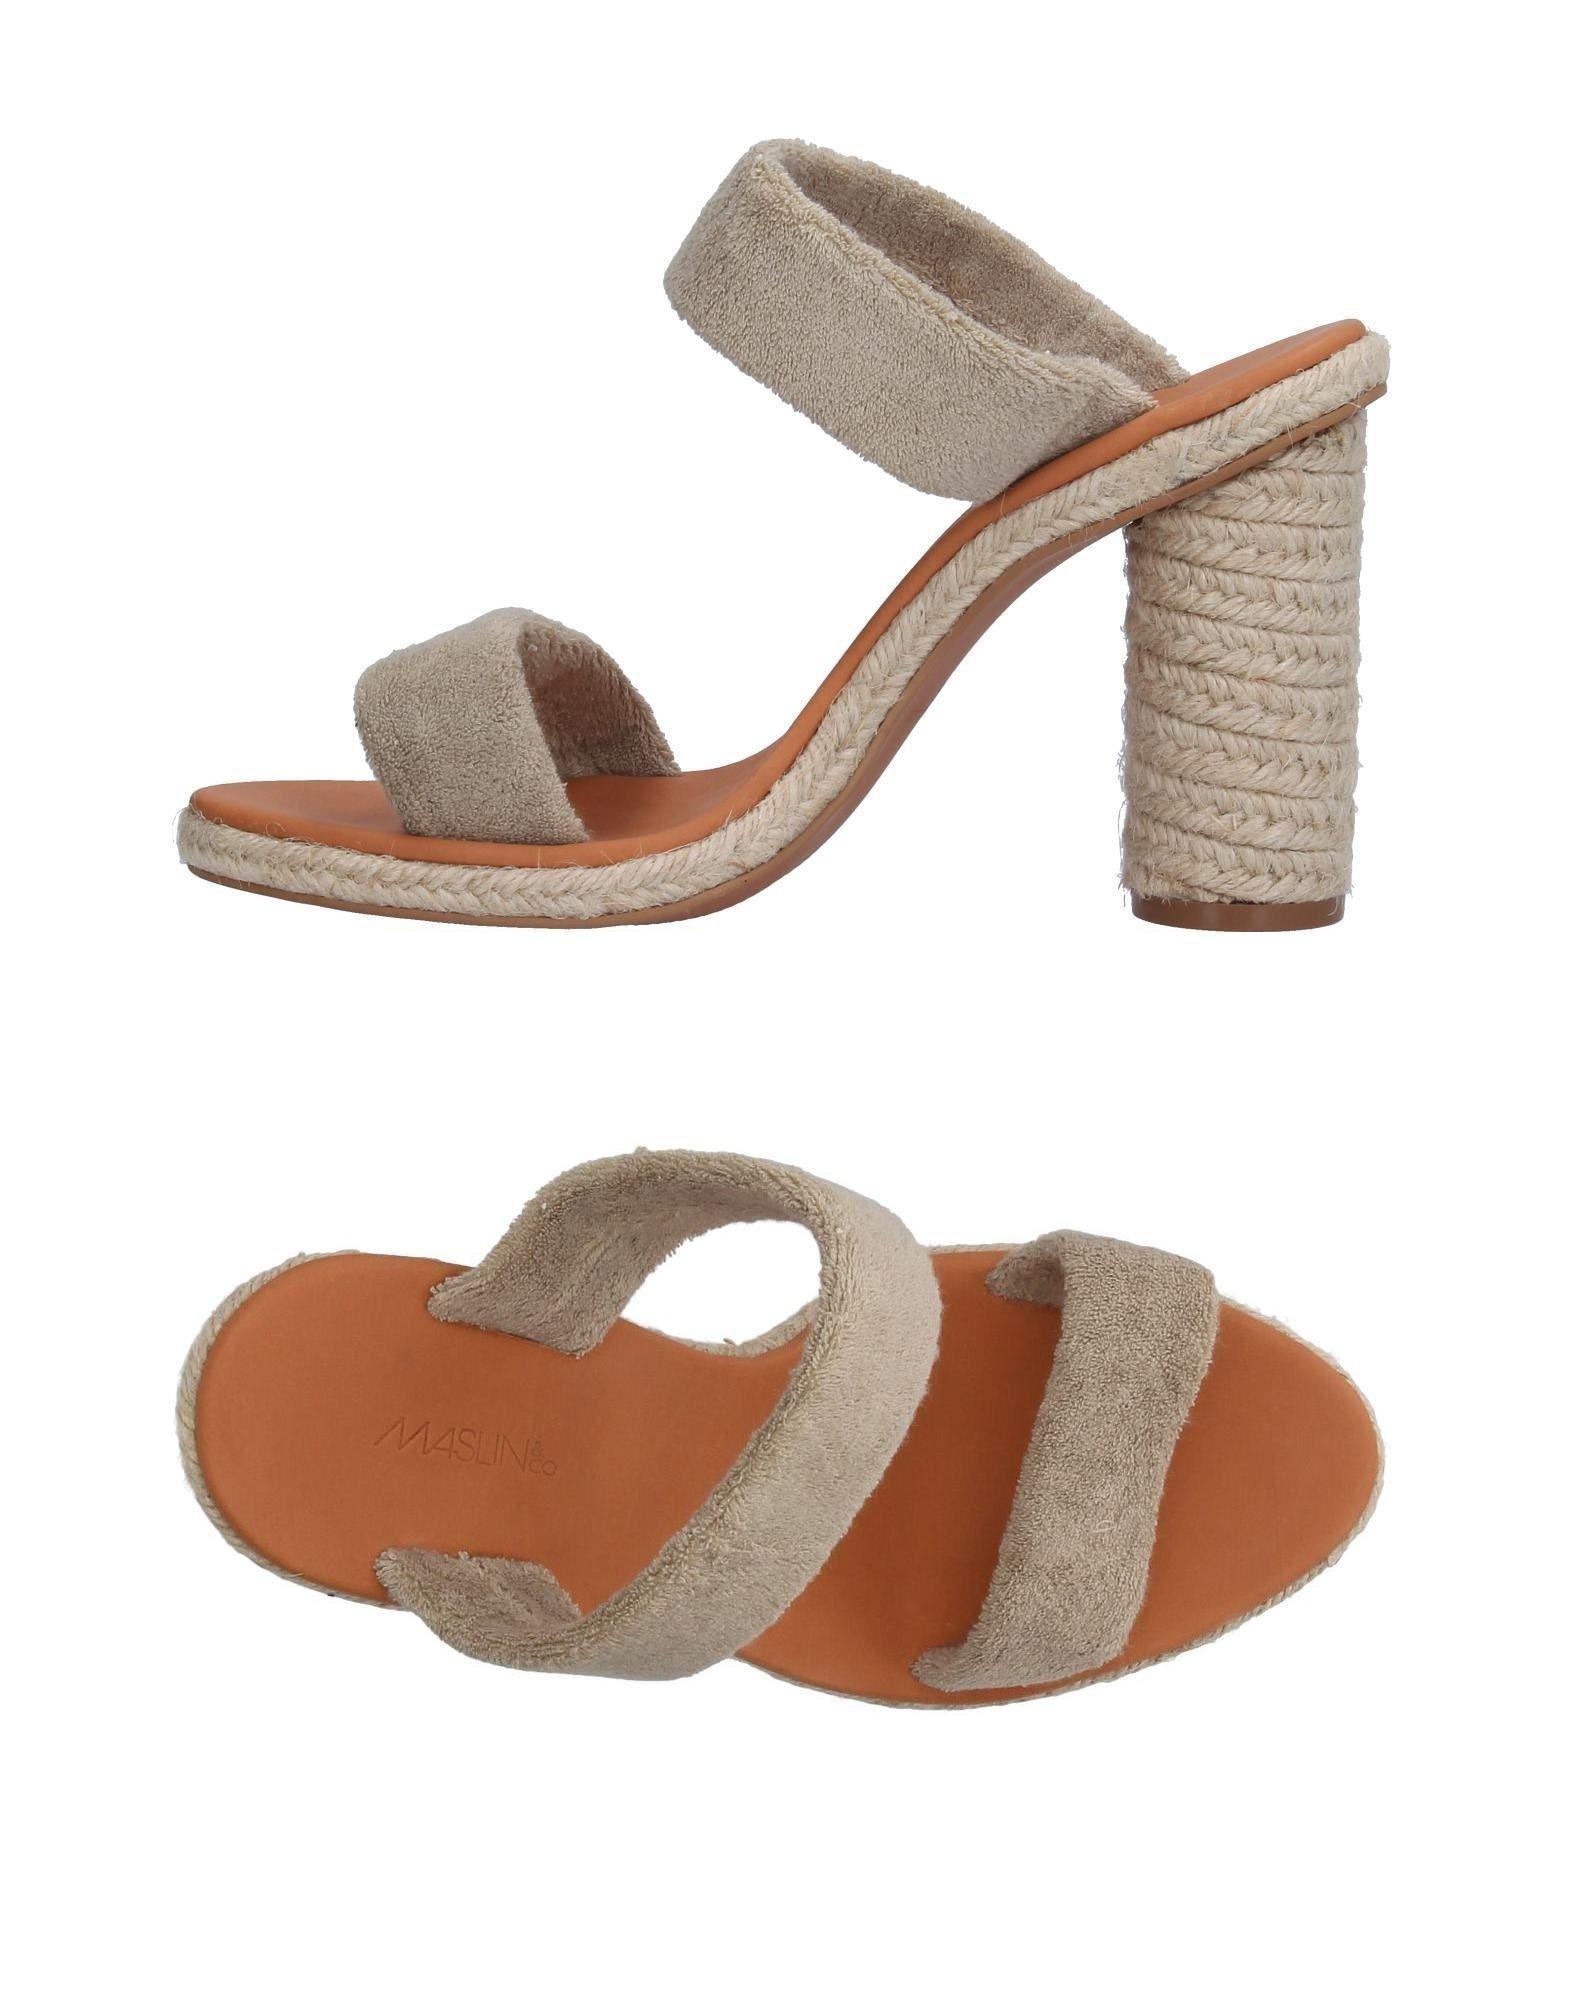 Chaussures - Espadrilles Maslin & Co z3D5B